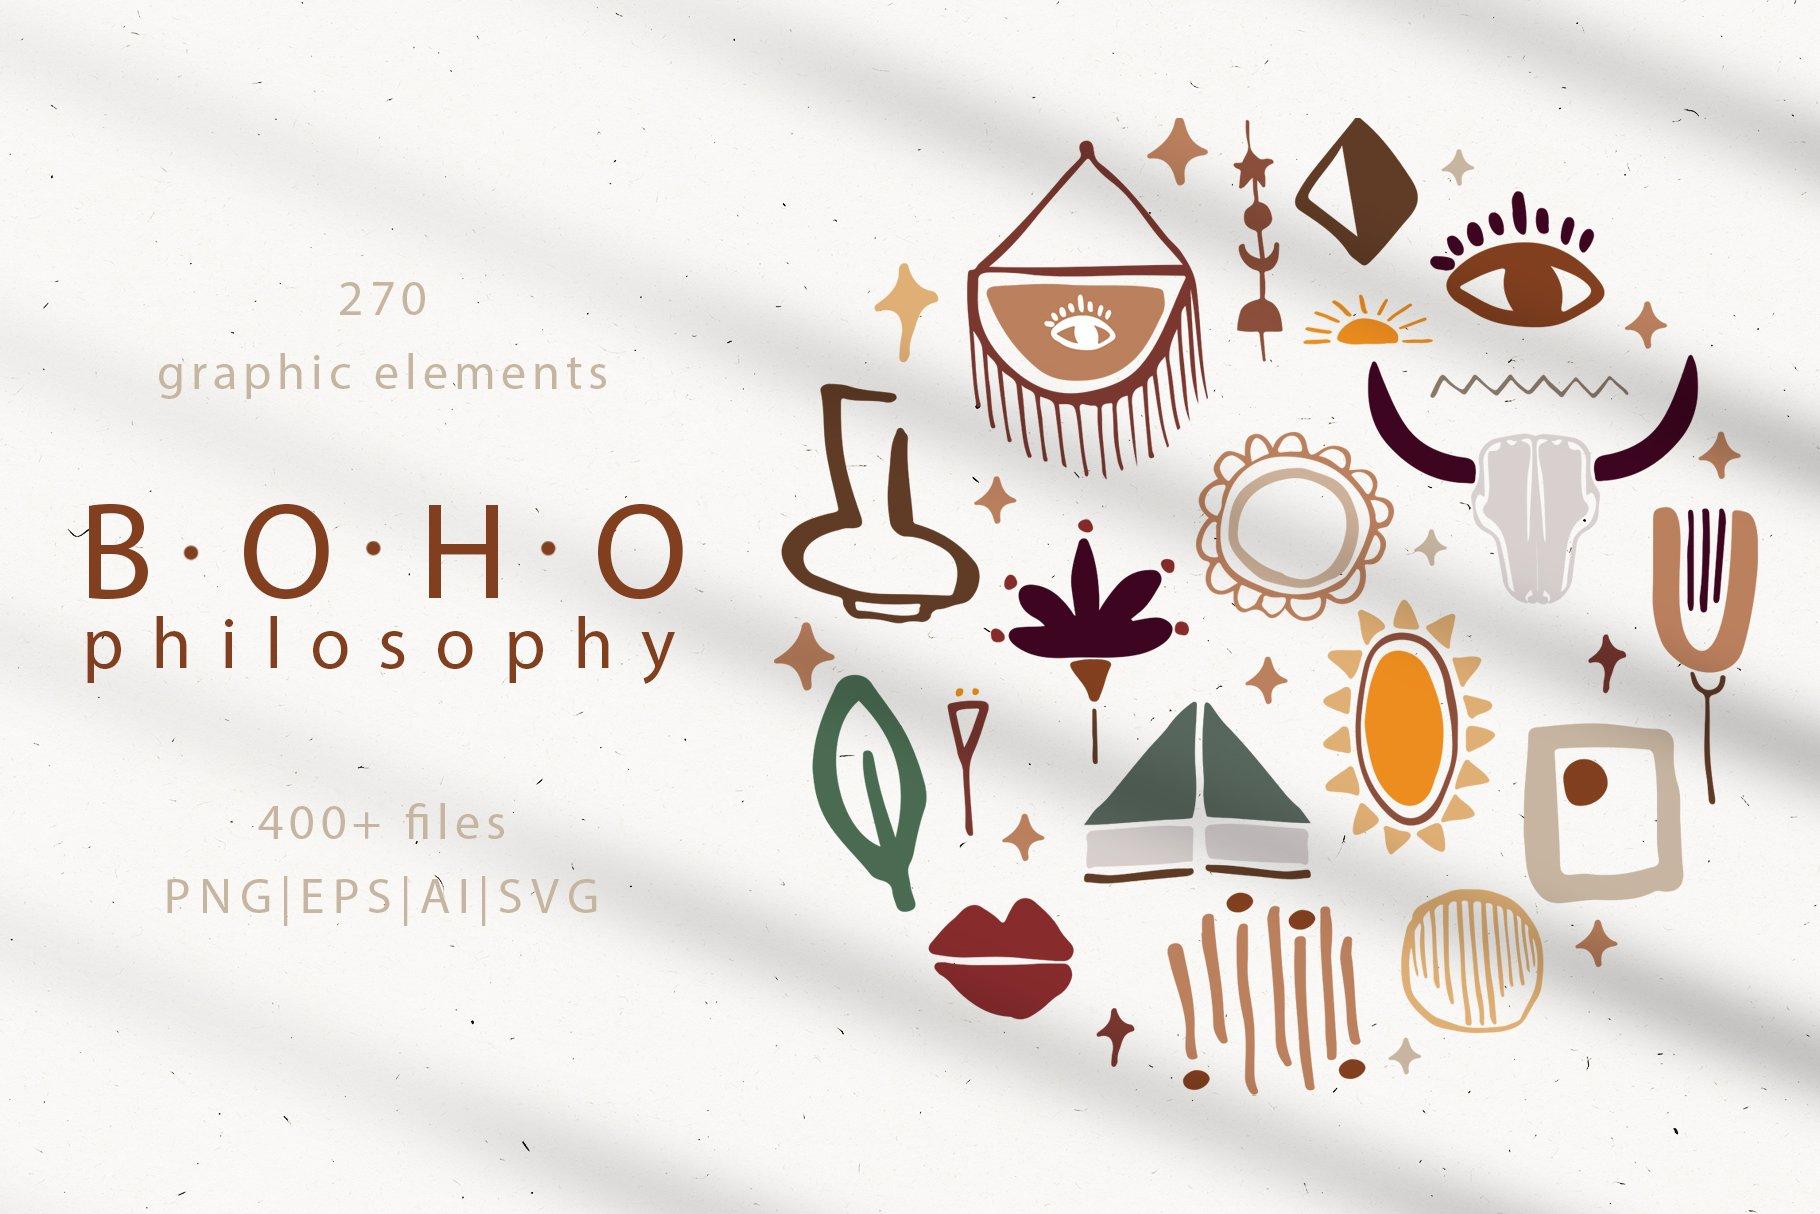 400多个波西米亚元素装饰图案背景AI图片素材 Boho Philosophy Collection插图